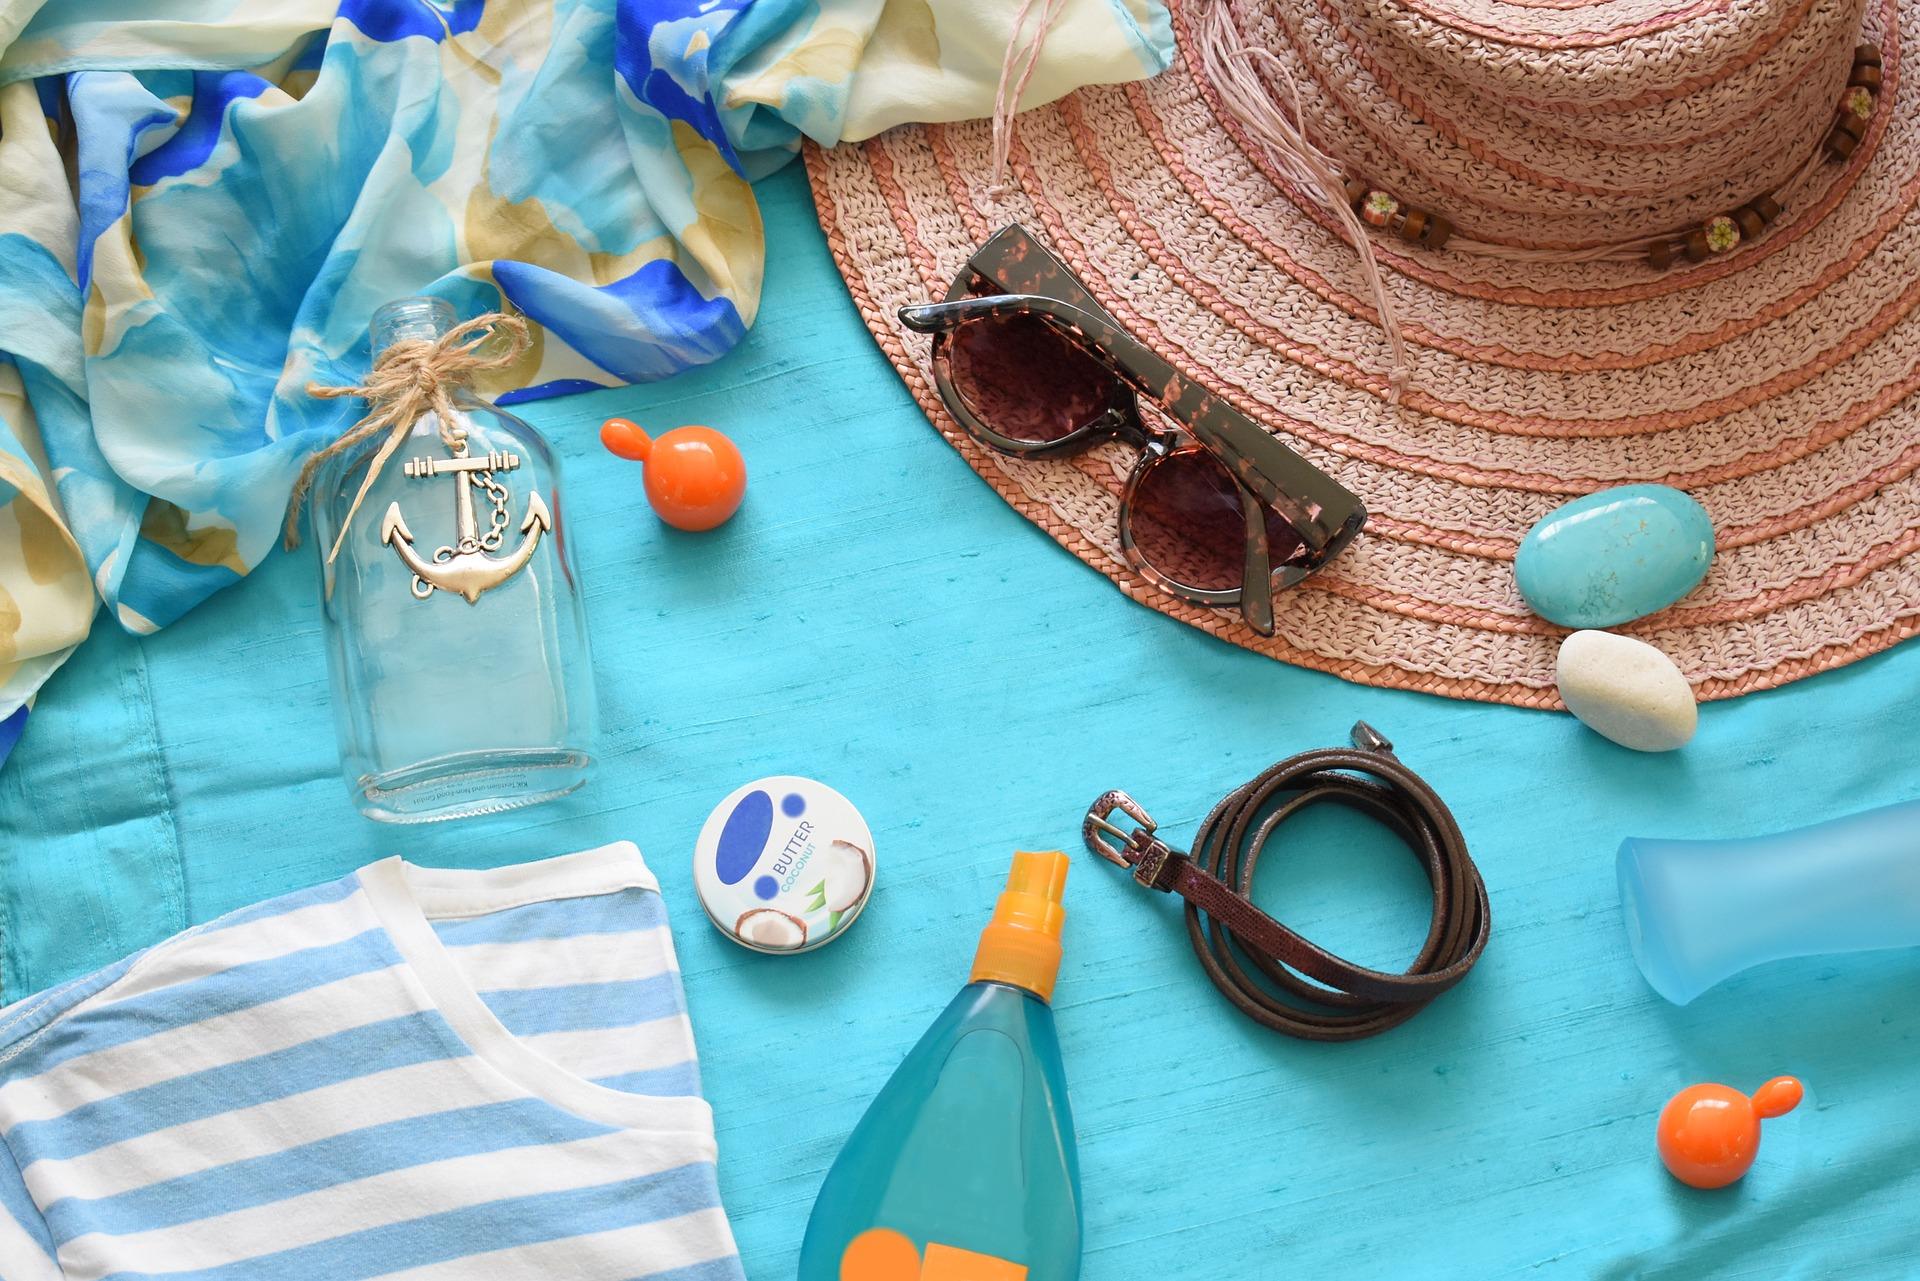 Handige beautyproducten om mee te nemen op vakantie